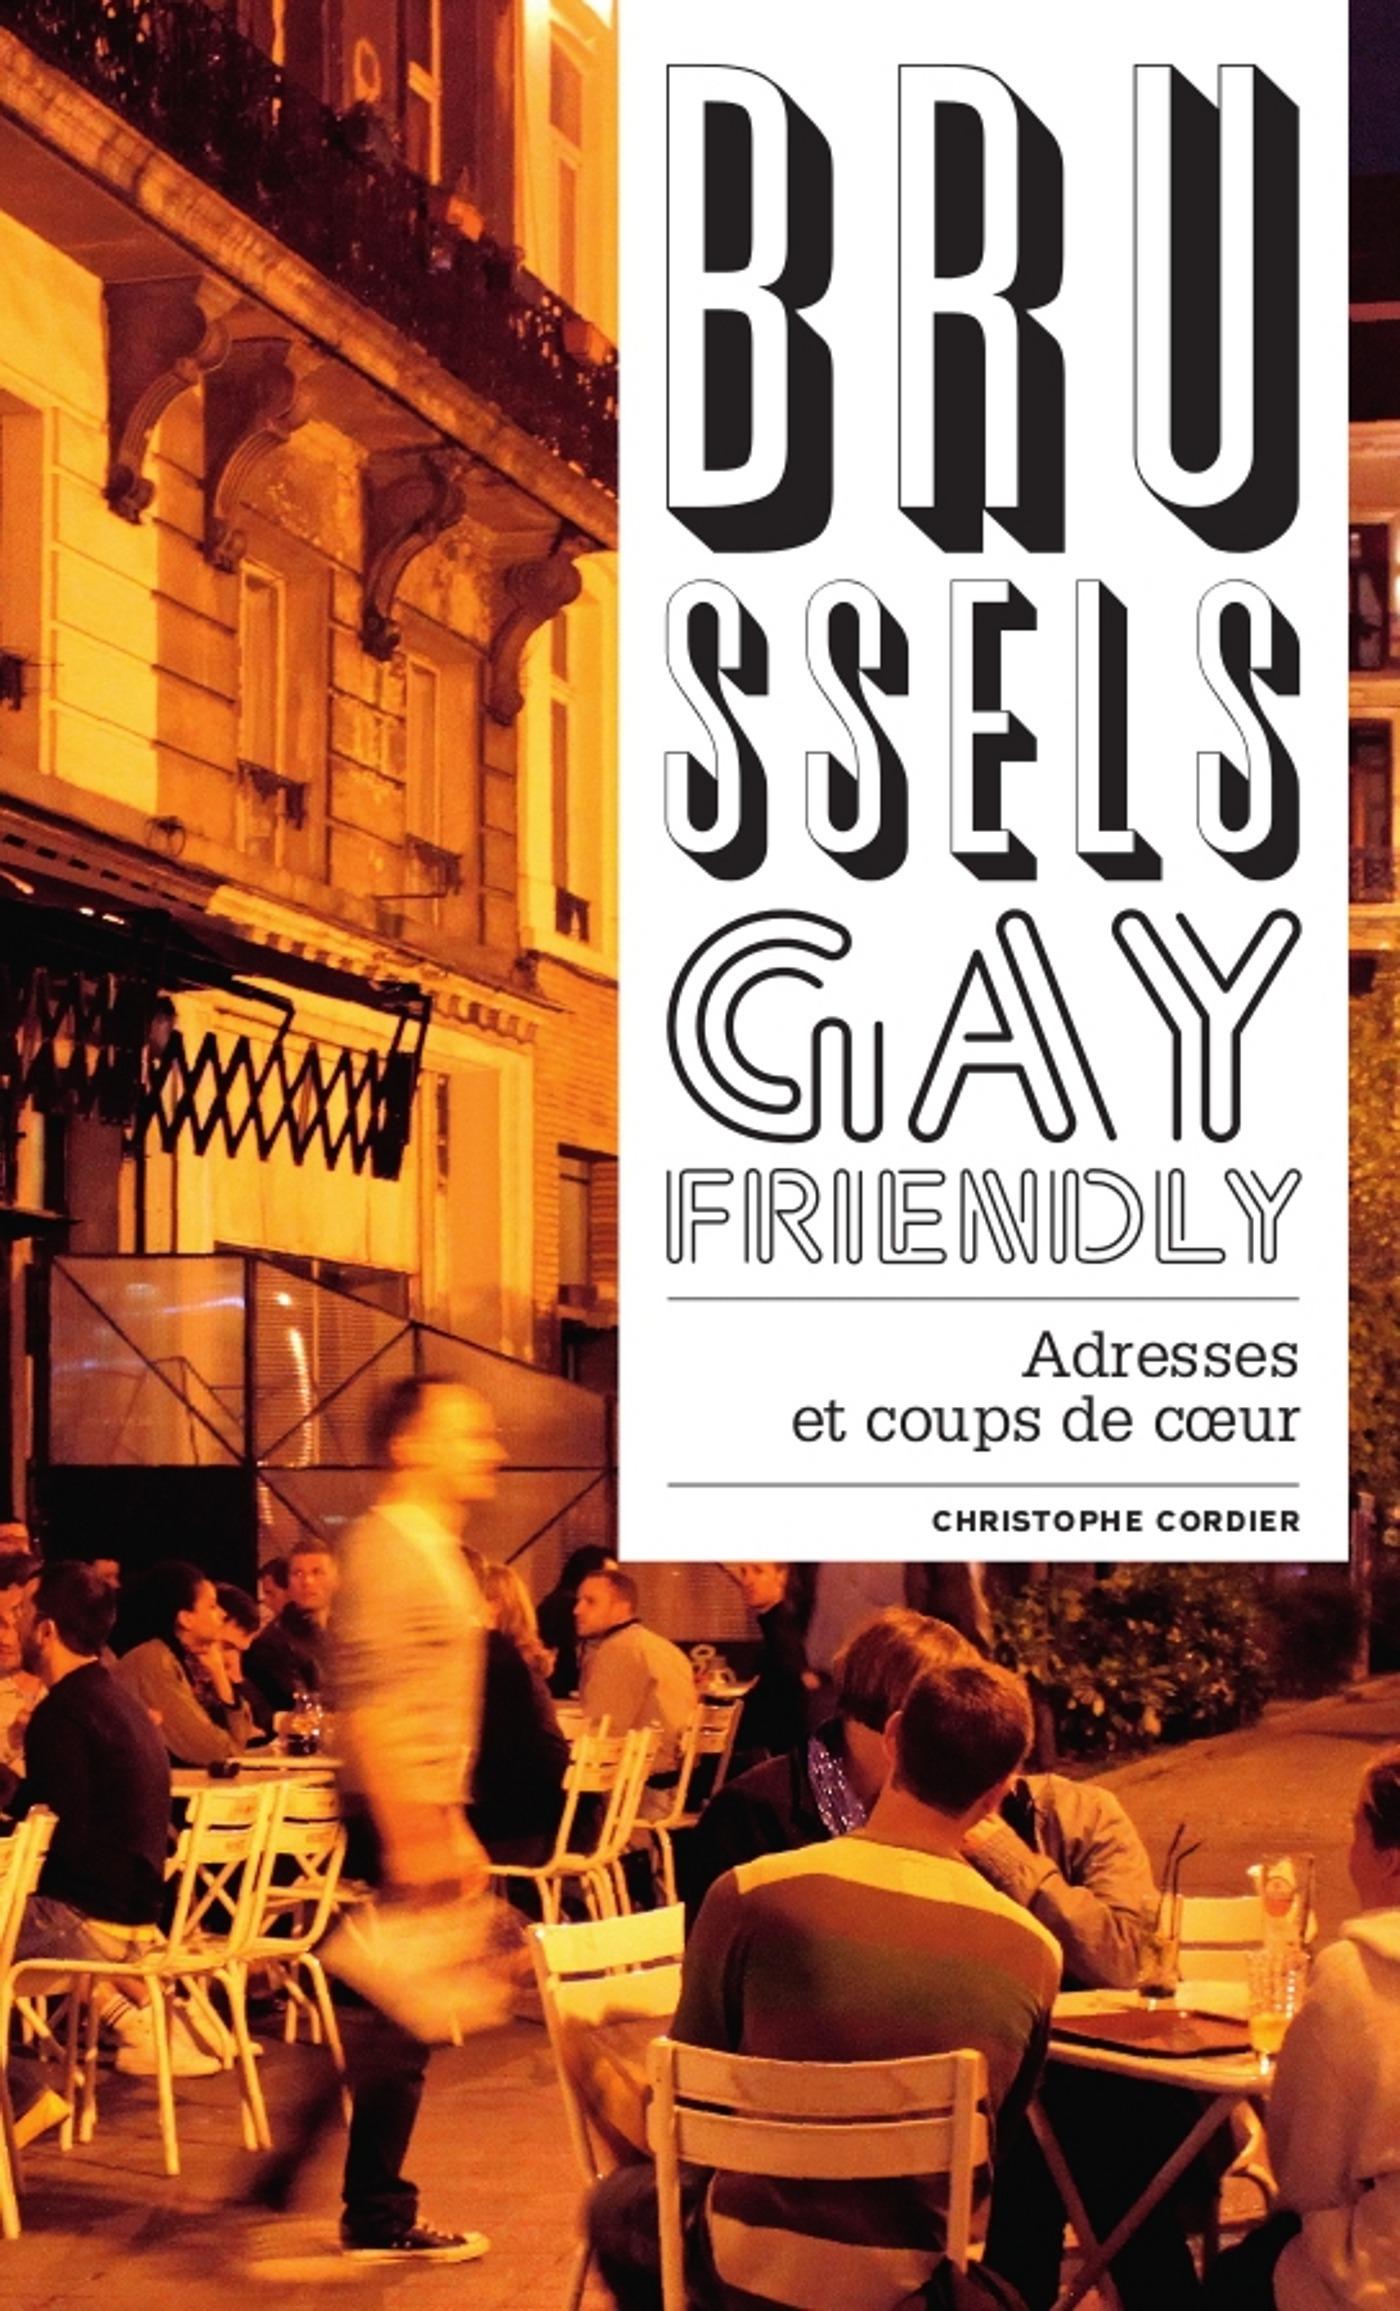 Brussels gay friendly ; nos adresses et nos coups de coeur